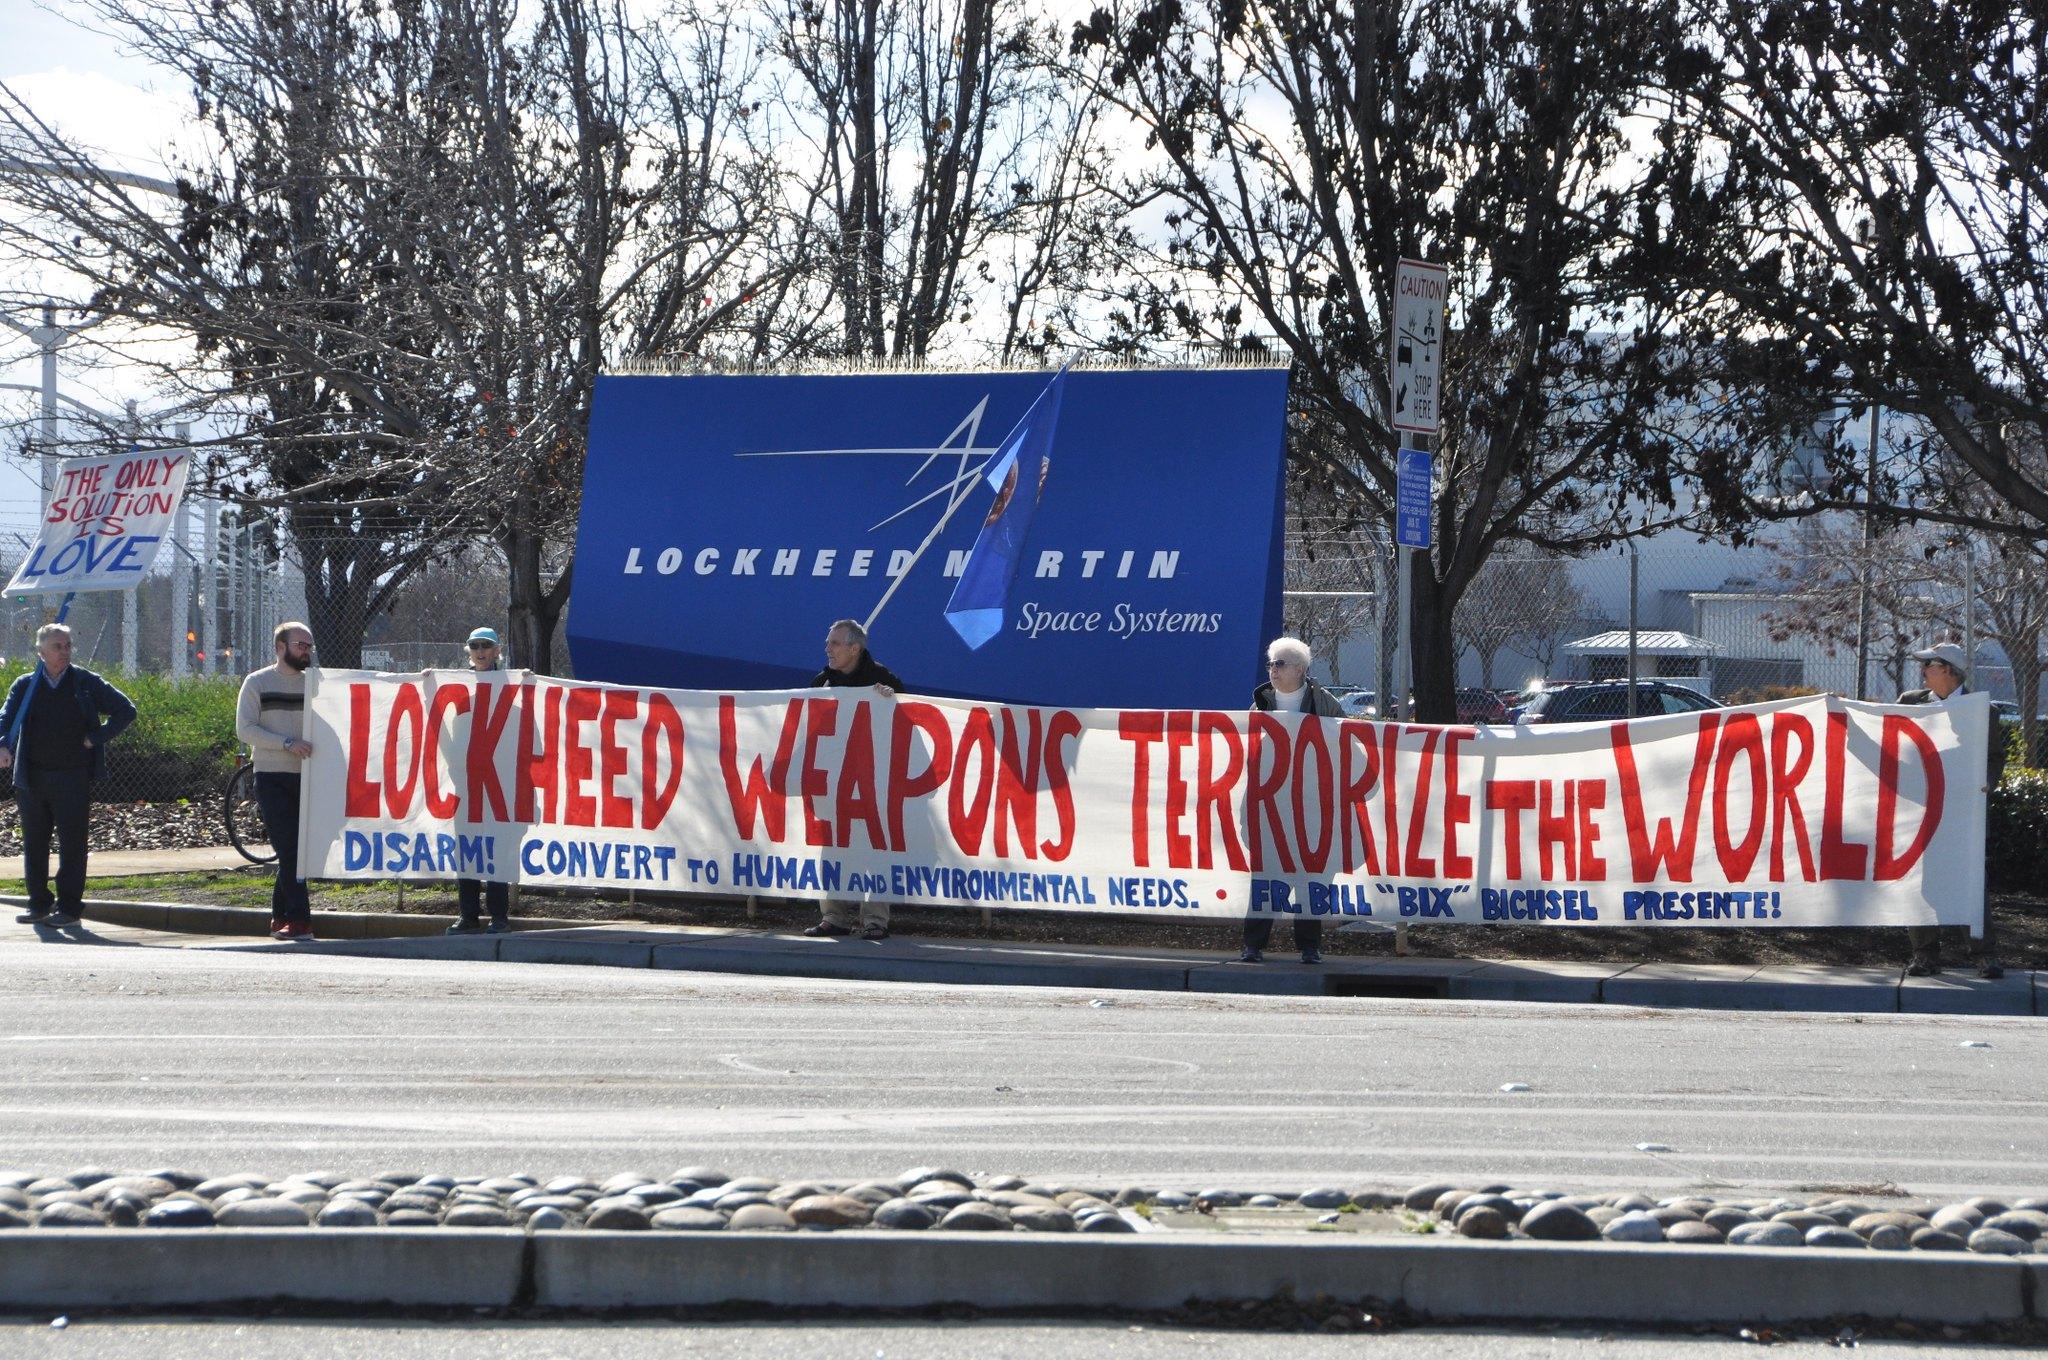 美國反戰團體Catholic Workers今年初在加州桑尼維爾的軍火商洛馬(Lockheed Martin)總部外抗議。這個抗議行動每月一次,自1970年代開始持續至今不曾間斷。(照片提供:倪慧如)